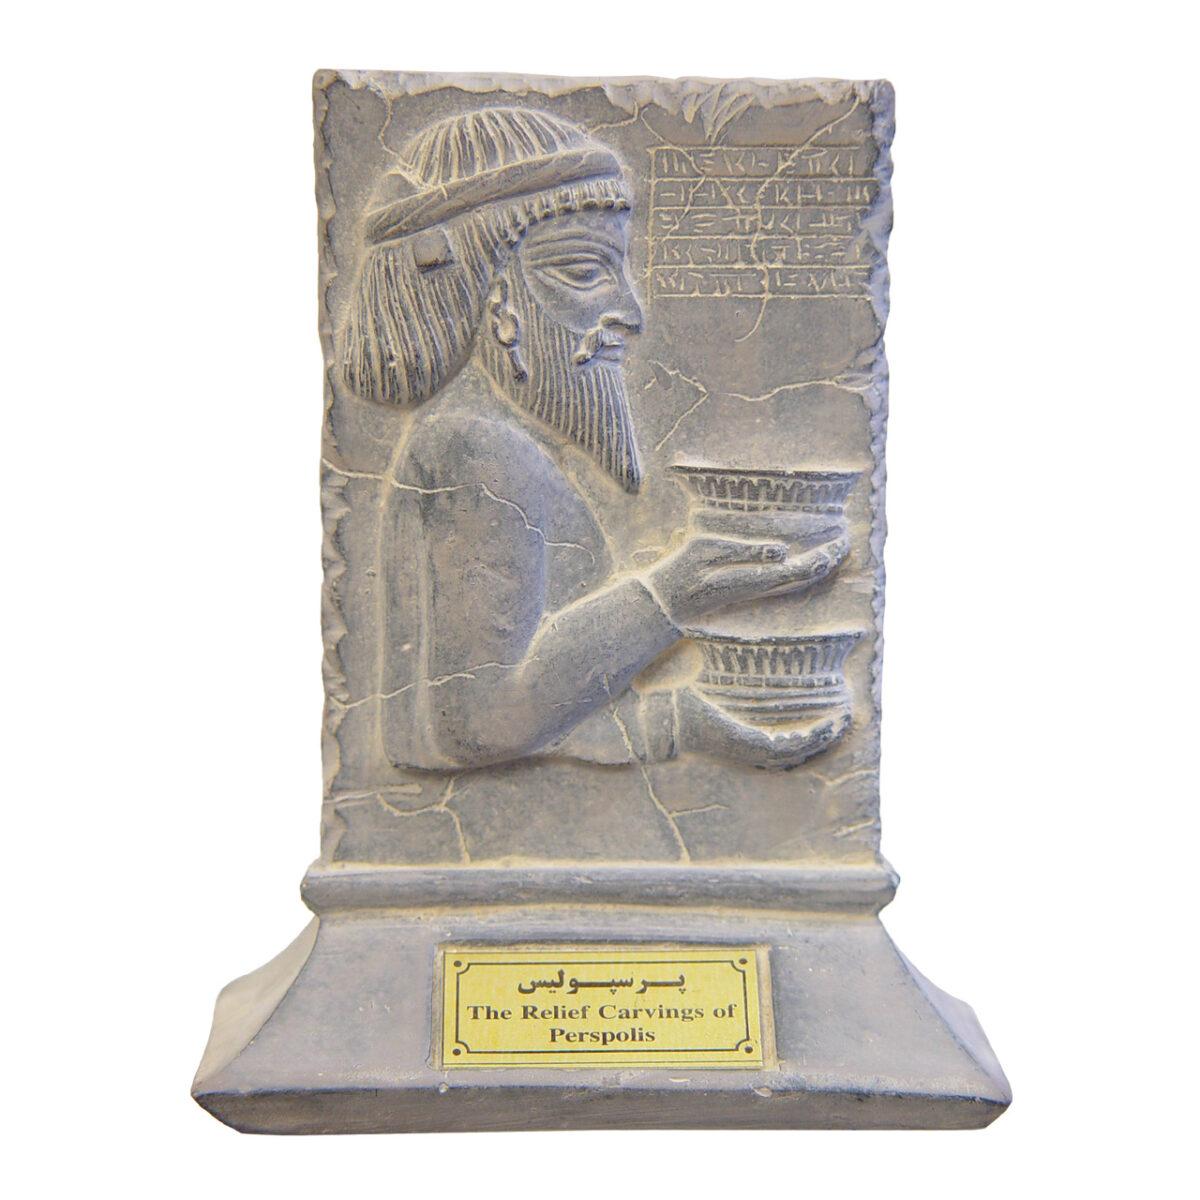 مجسمه تندیس و پیکره شهریار مدل لوح هدیه آور پارتویی پرسپولیس کد MO1150